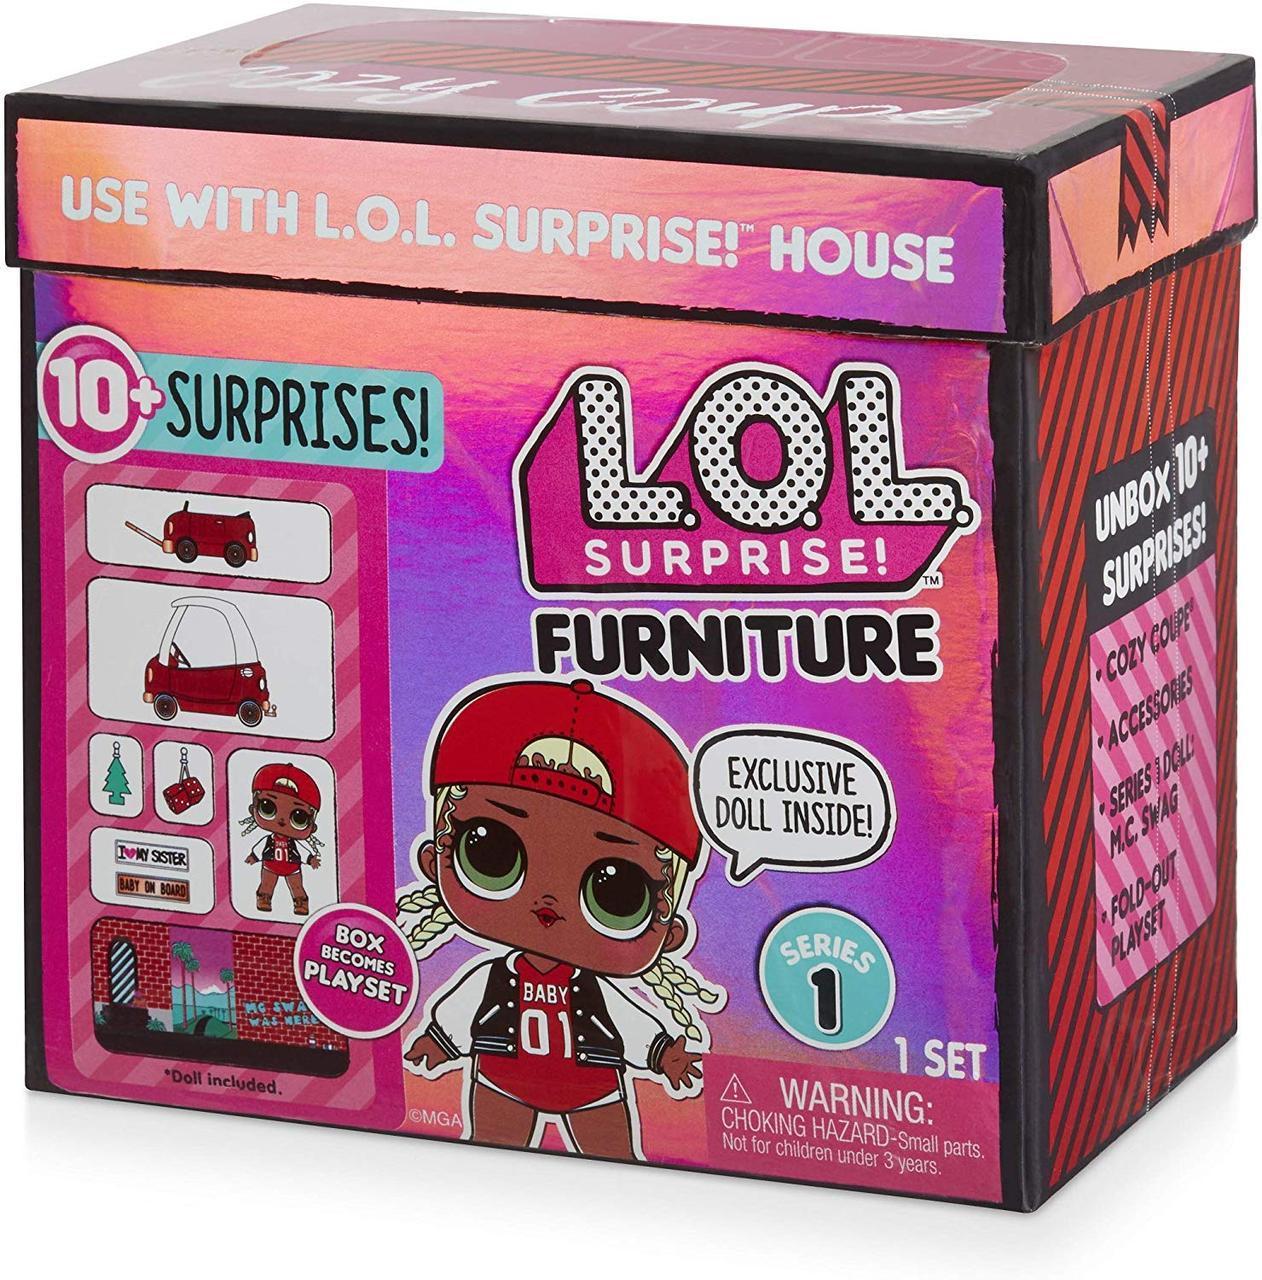 ЛОЛ Сюрприз! Уютный автомобиль МС Сваг L.O.L. Surprise! Furniture Cozy Coupe with M.C. Swag